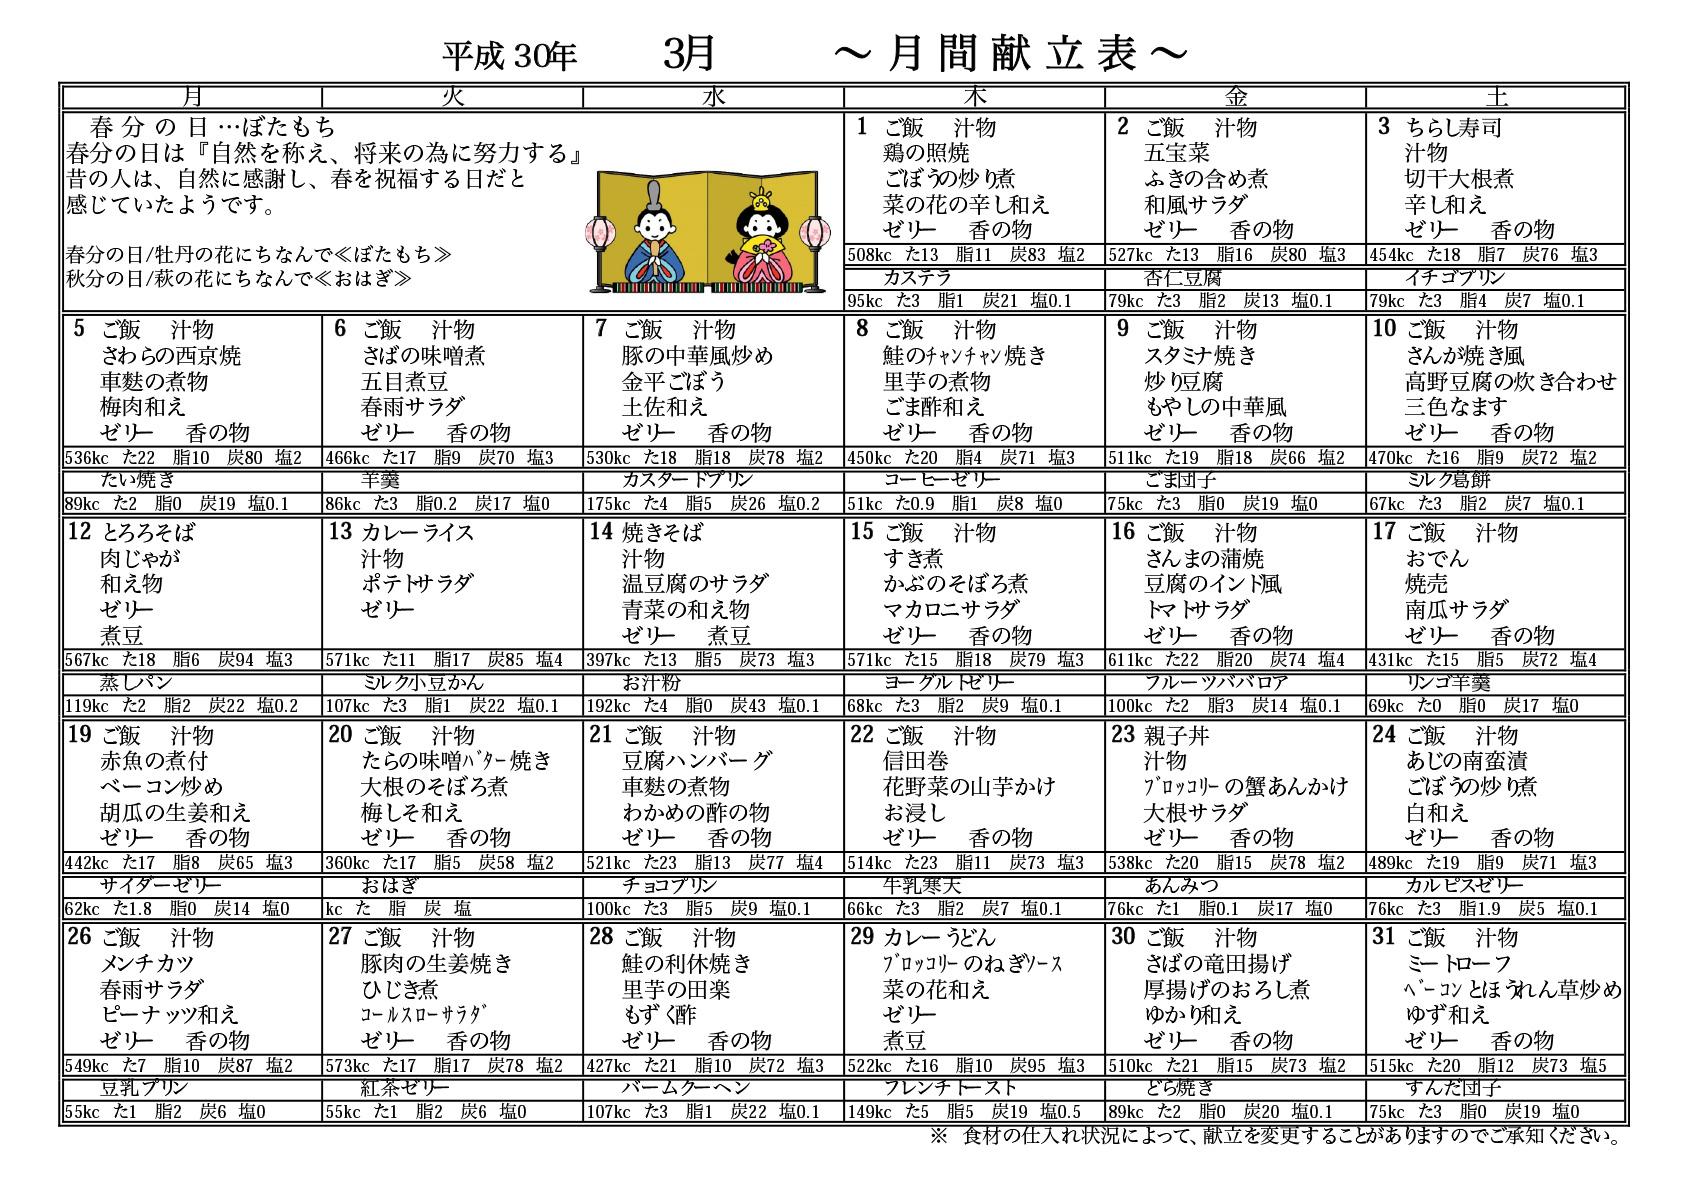 2018年3月献立表